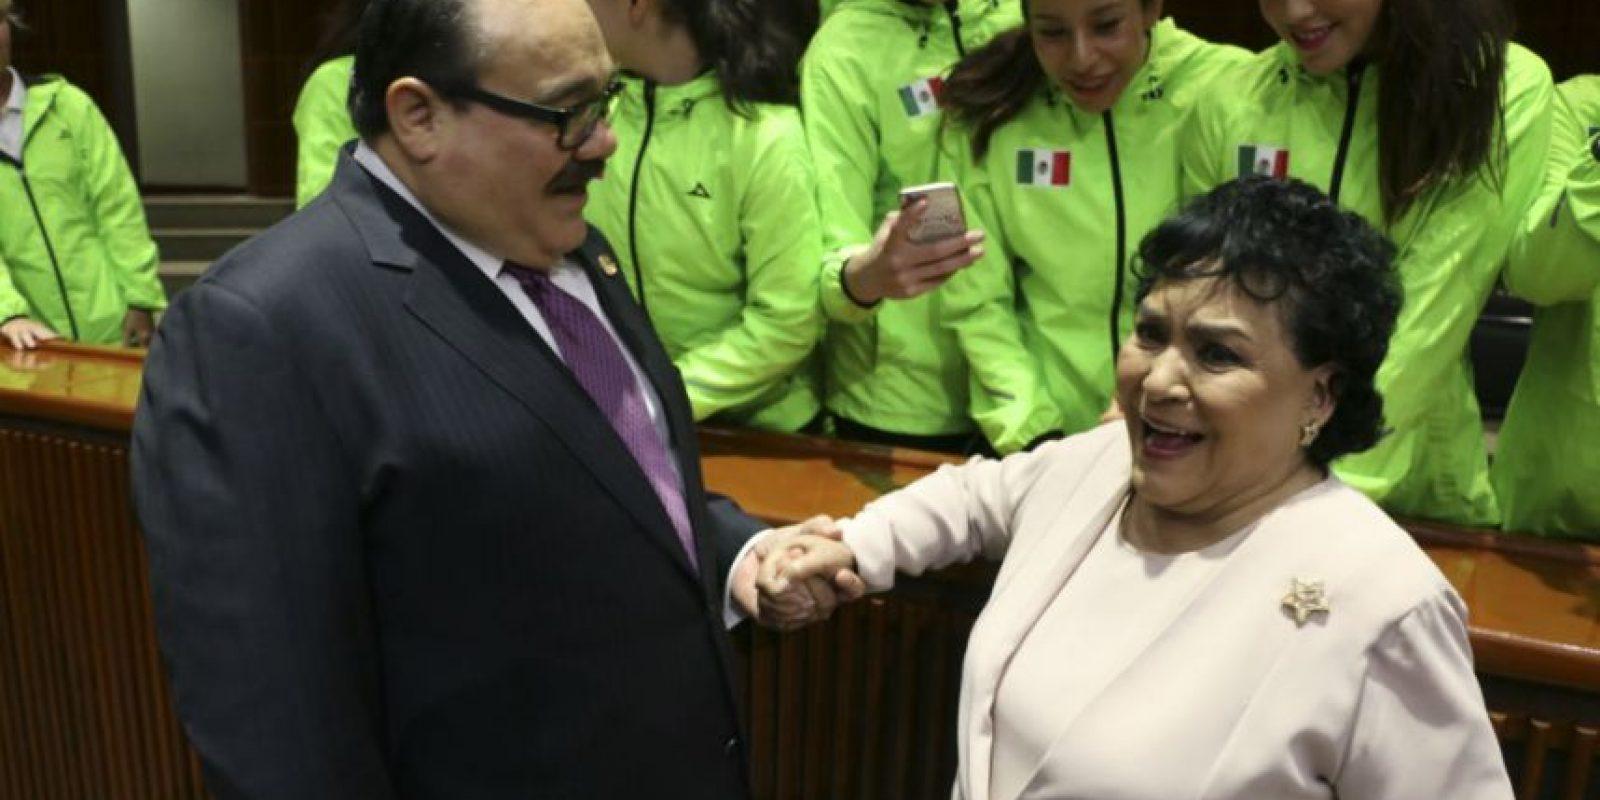 No, Carmen Salinas no aparece en la lista. El legislador Jorge Carlos Ramírez Marín, quien acompaña a la actriz, podría sustituir al Beltrones. Foto:Cuartoscuro